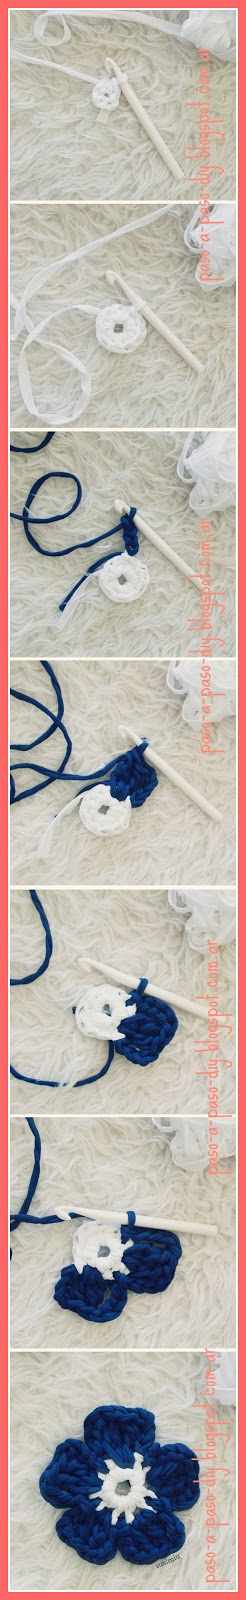 Alfombra tejida con borde de flores - DIY | Paso a Paso